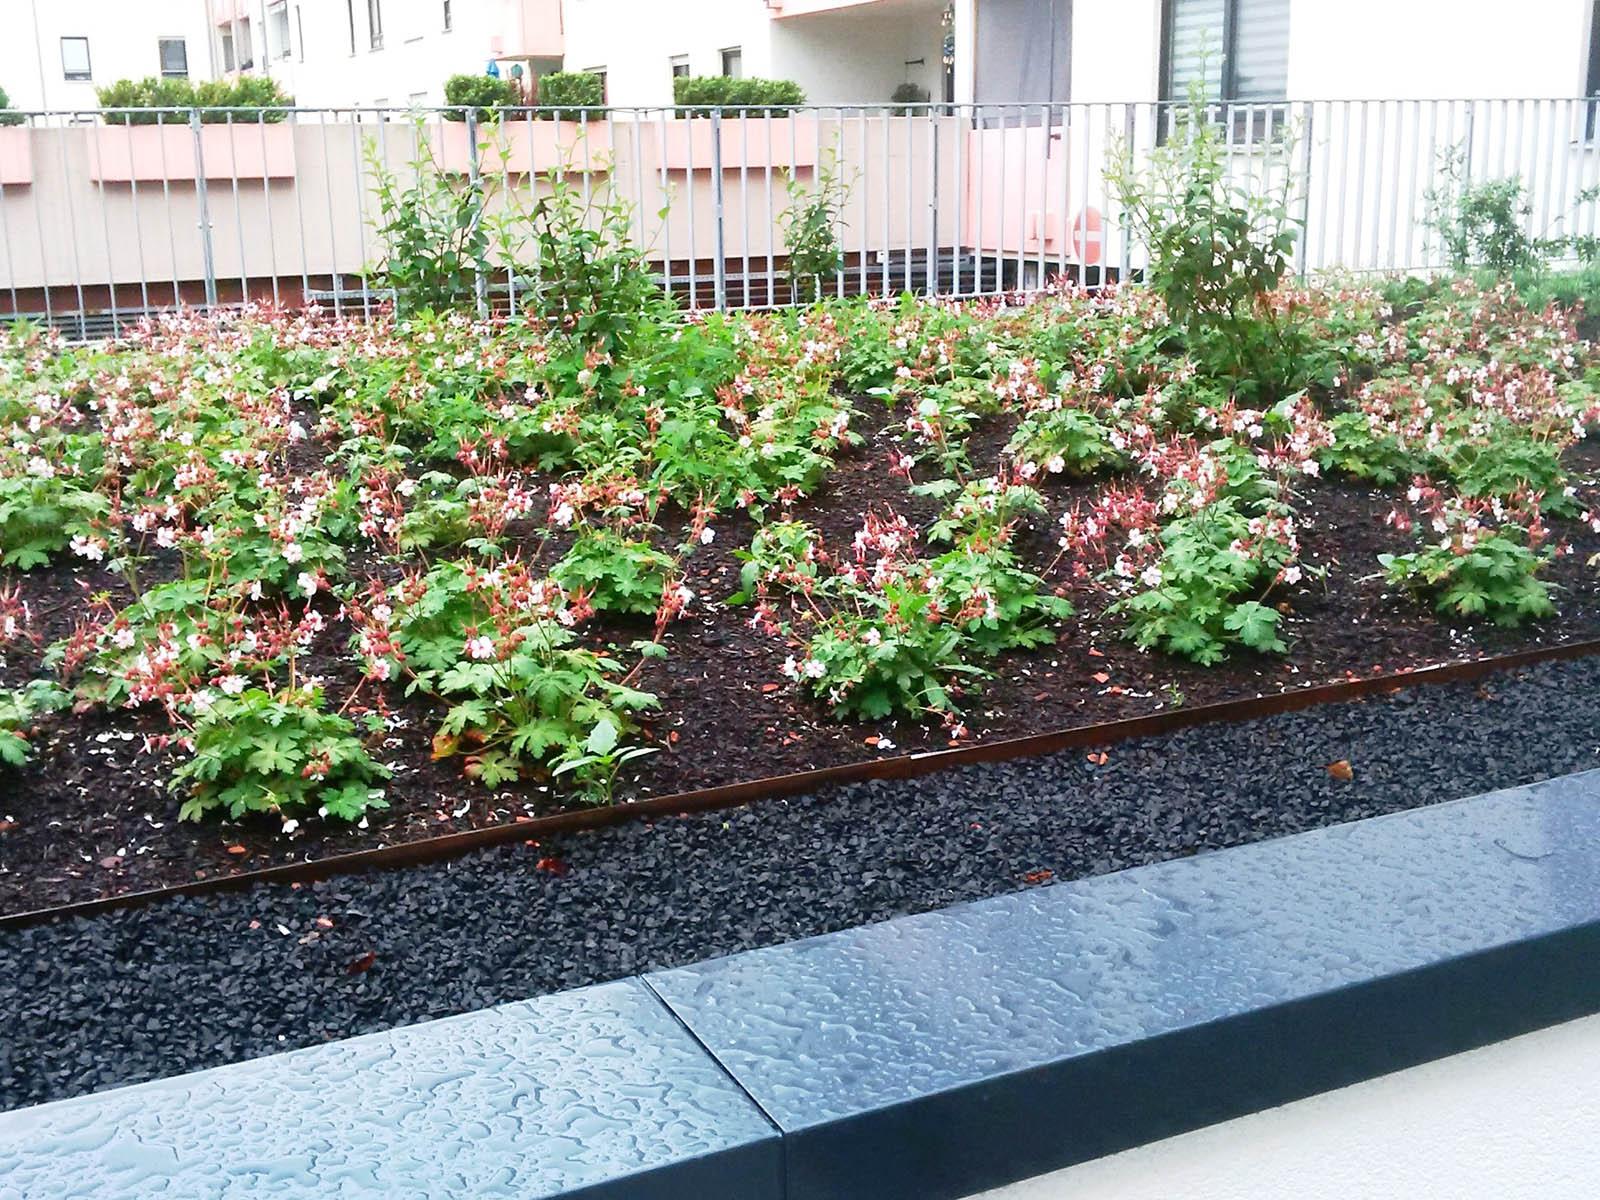 Garten Und Landschaftsbau Mannheim dachbegrünungen weiland grünbau garten und landschaftsbau aus